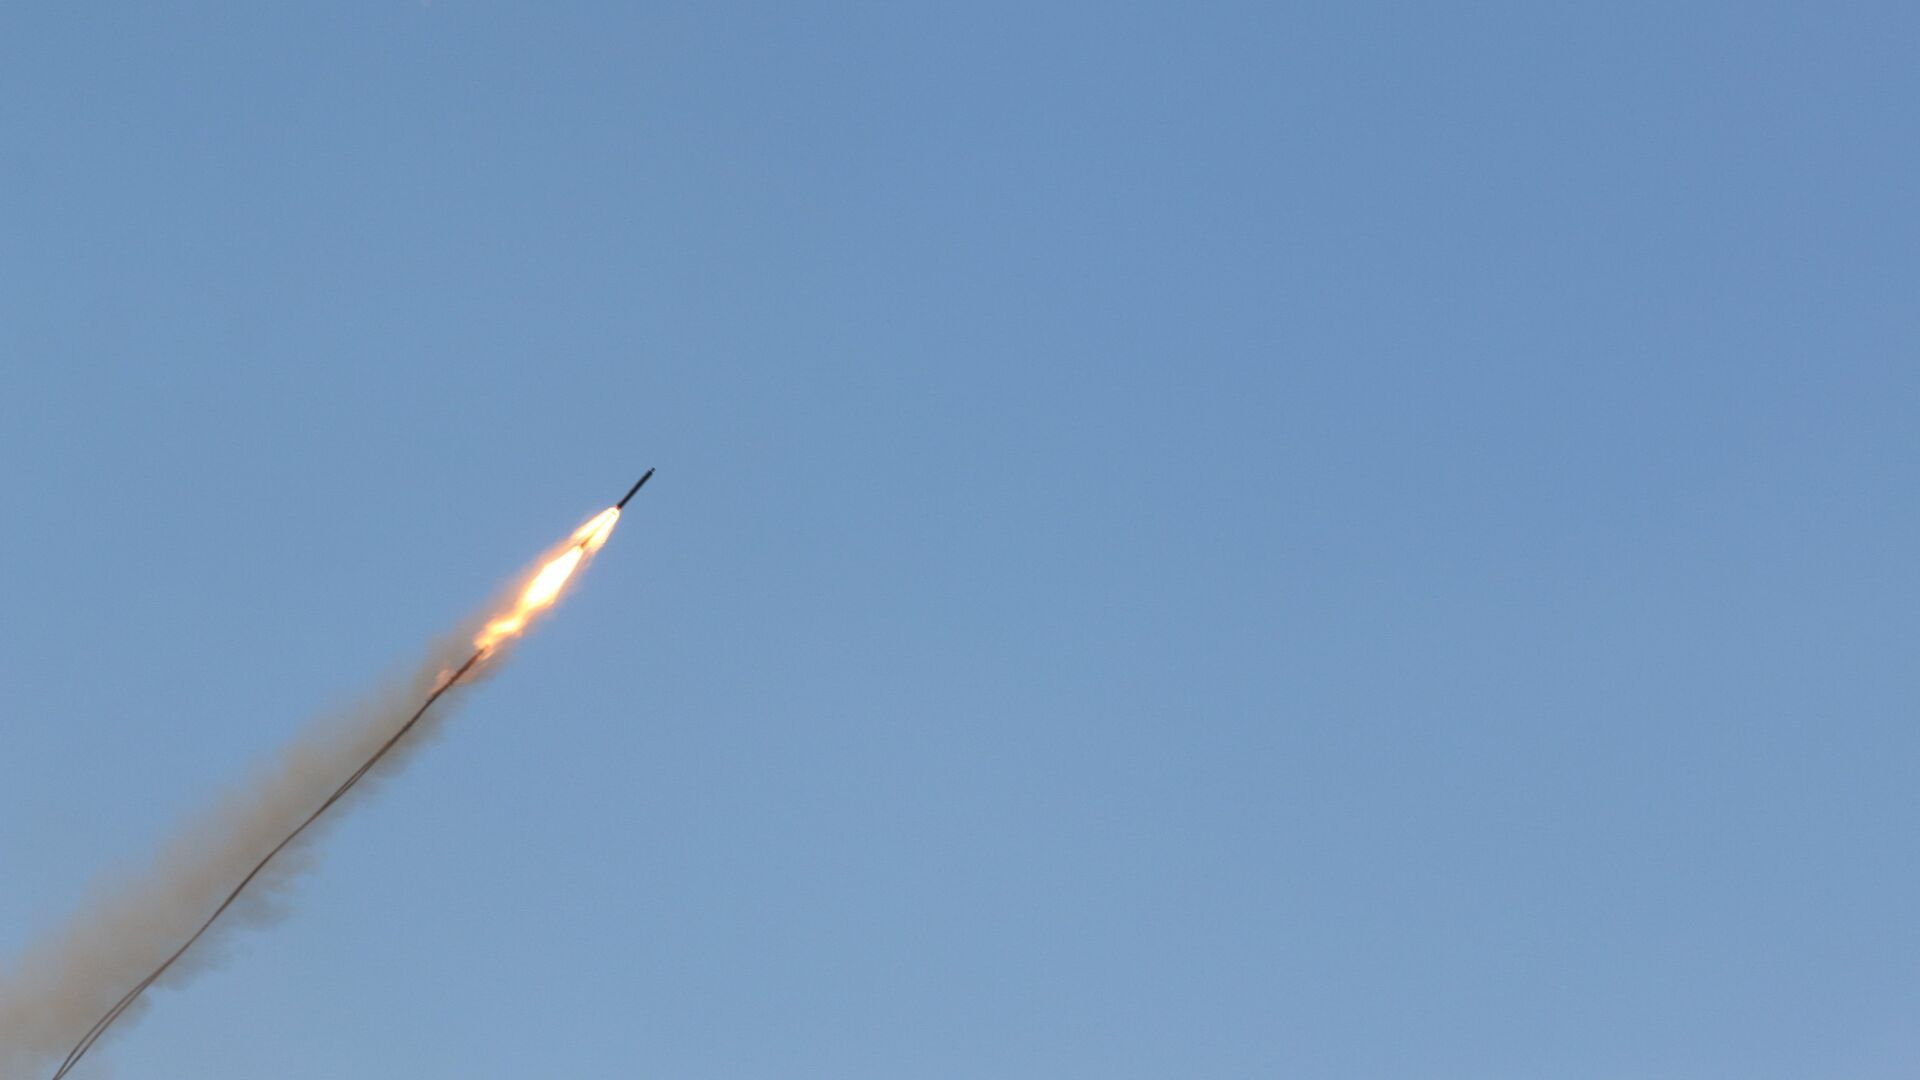 Un misil (imagen referencial) - Sputnik Mundo, 1920, 09.10.2021